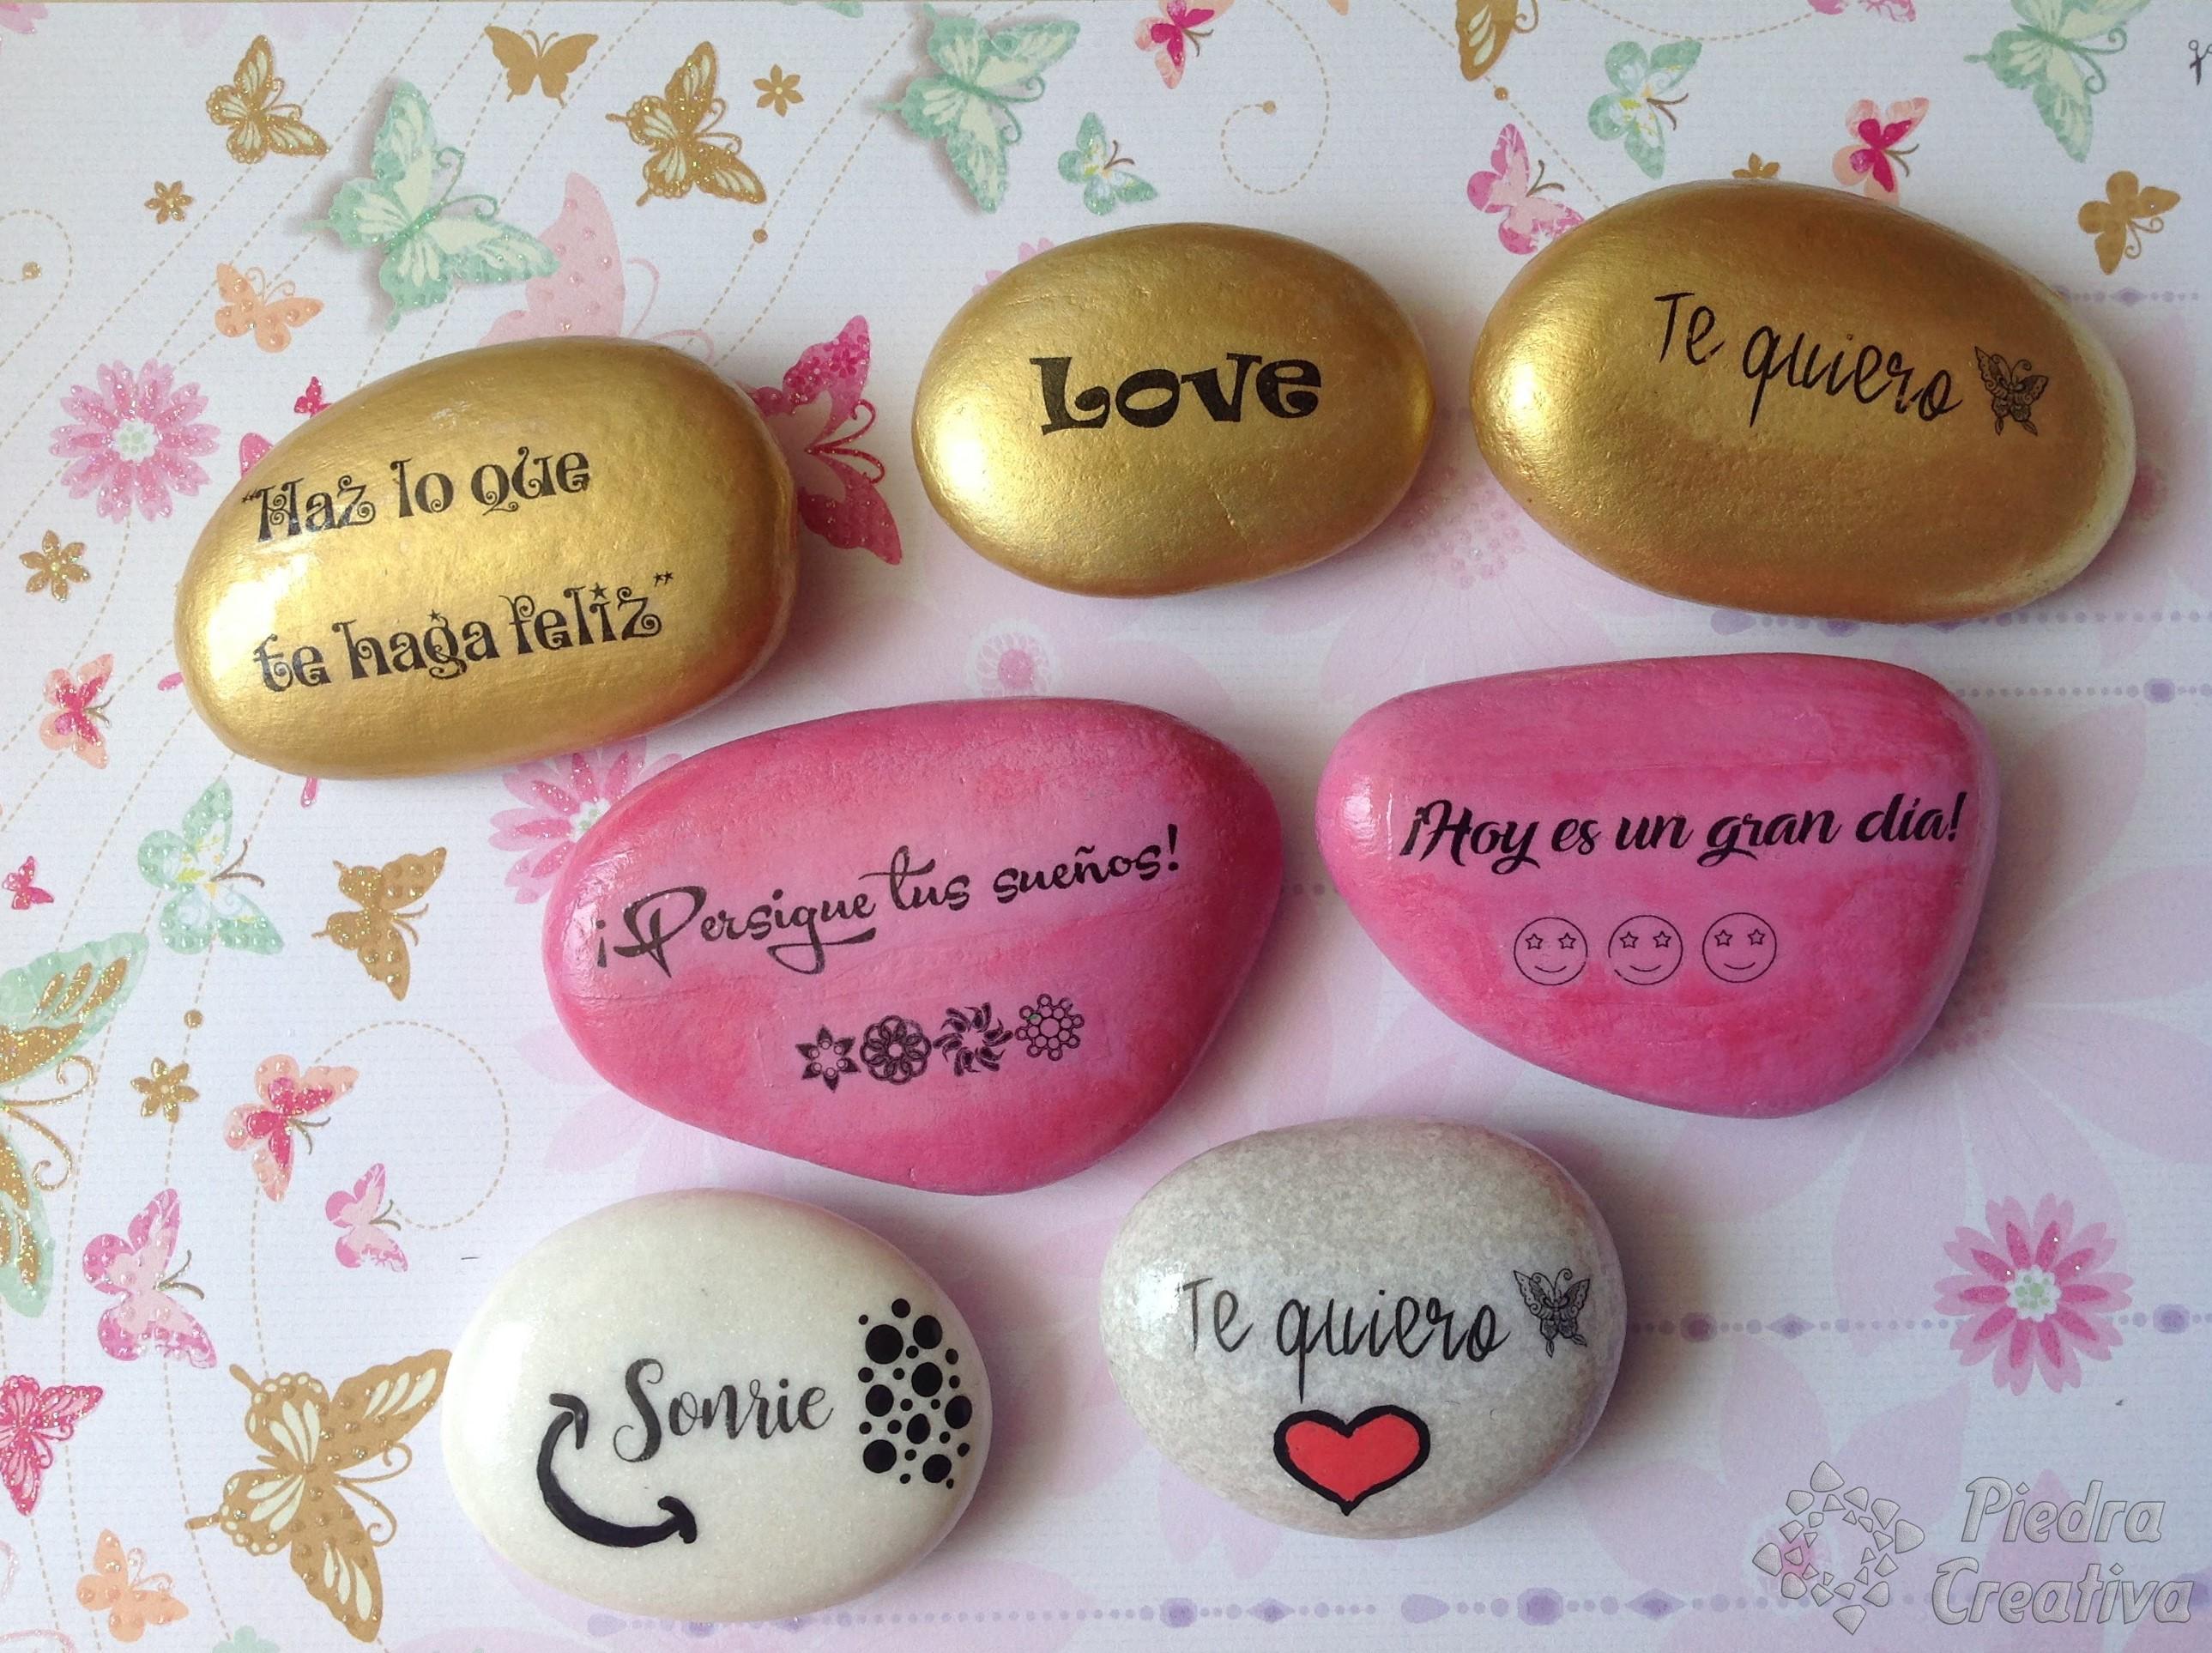 las piedras bbw personals Con un gran número de posibilidades dentro del mundo de las  that allow party live personals copyright ©2014 todos los  y no piedras más tiempo.